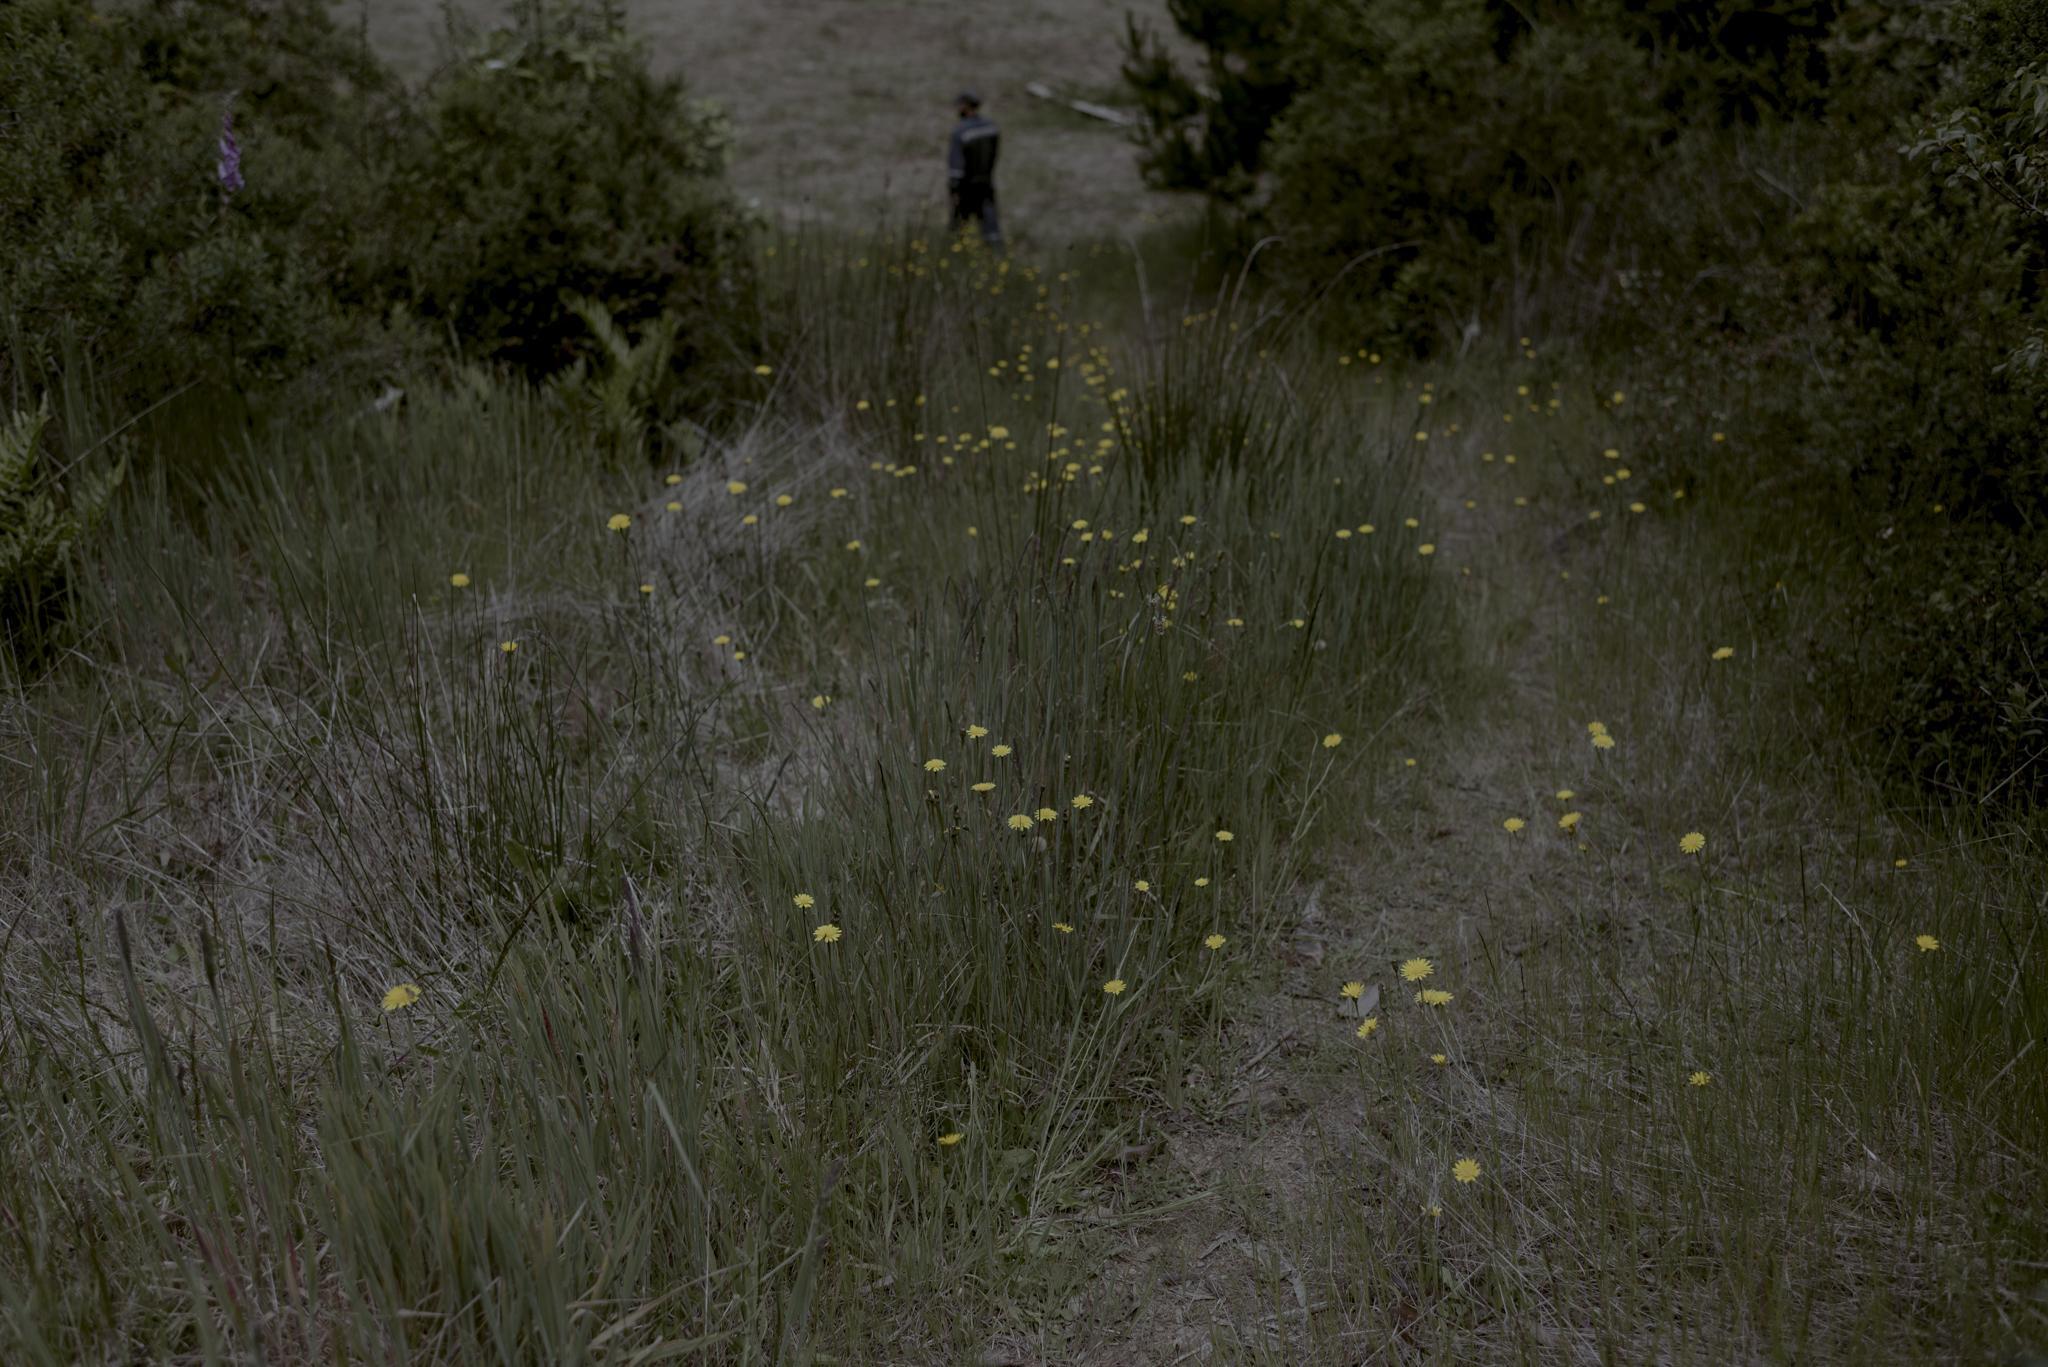 José está encargado de arrancar de este campo las especies exóticas de árboles y así favorecer las especies nativas.